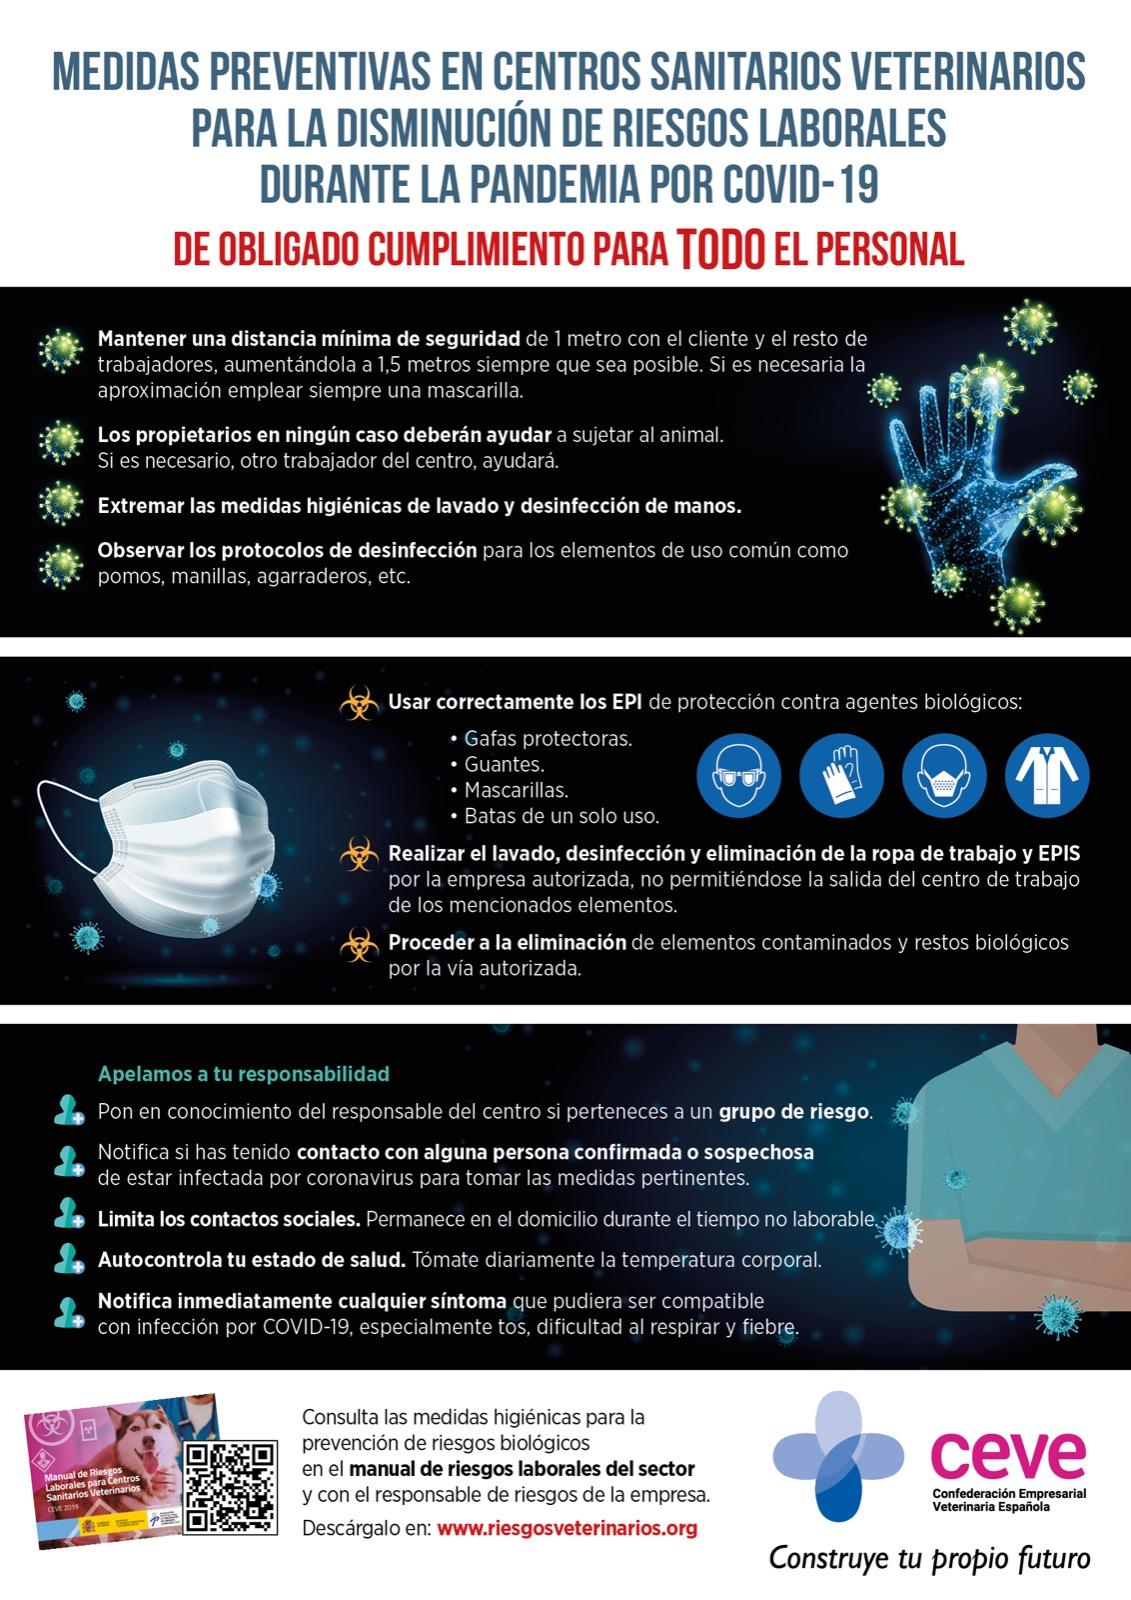 Medidas preventivas frente al coronavirus para personal de centros sanitarios veterinarios